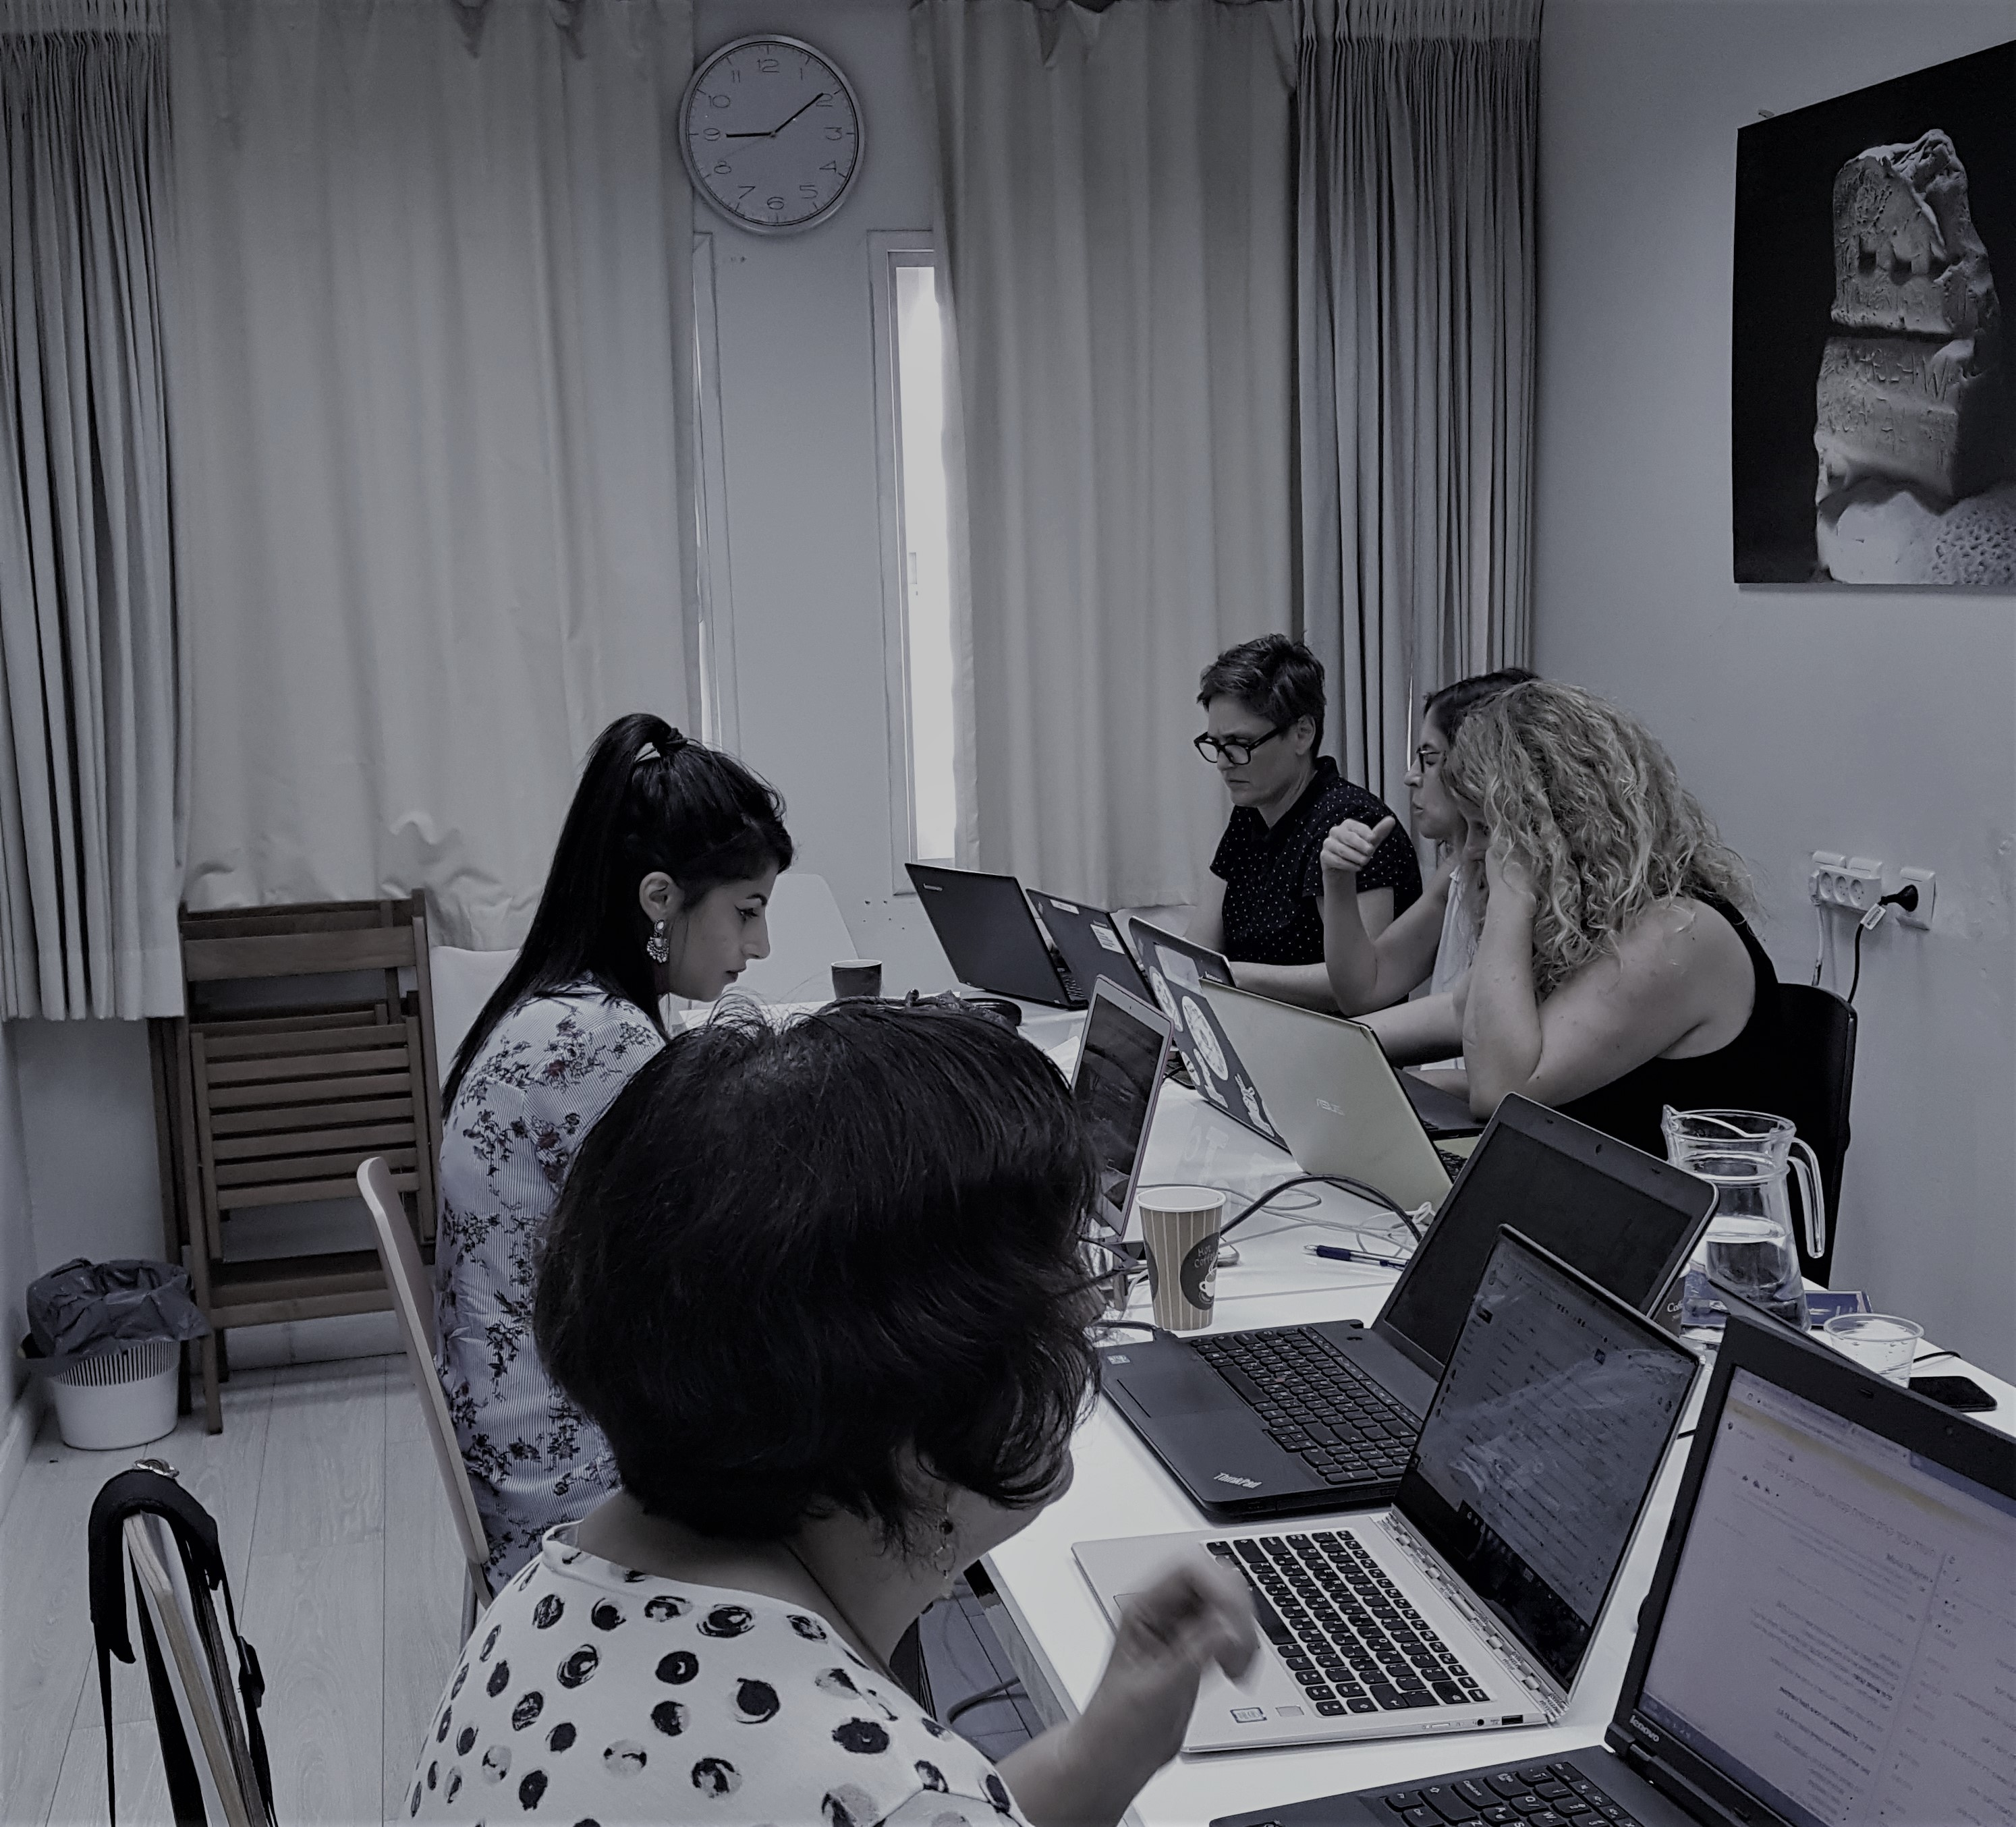 שיתוף פעולה מוביל שינוי חברתי בין ויקימדיה ישראל לעמותת נשים לגופן